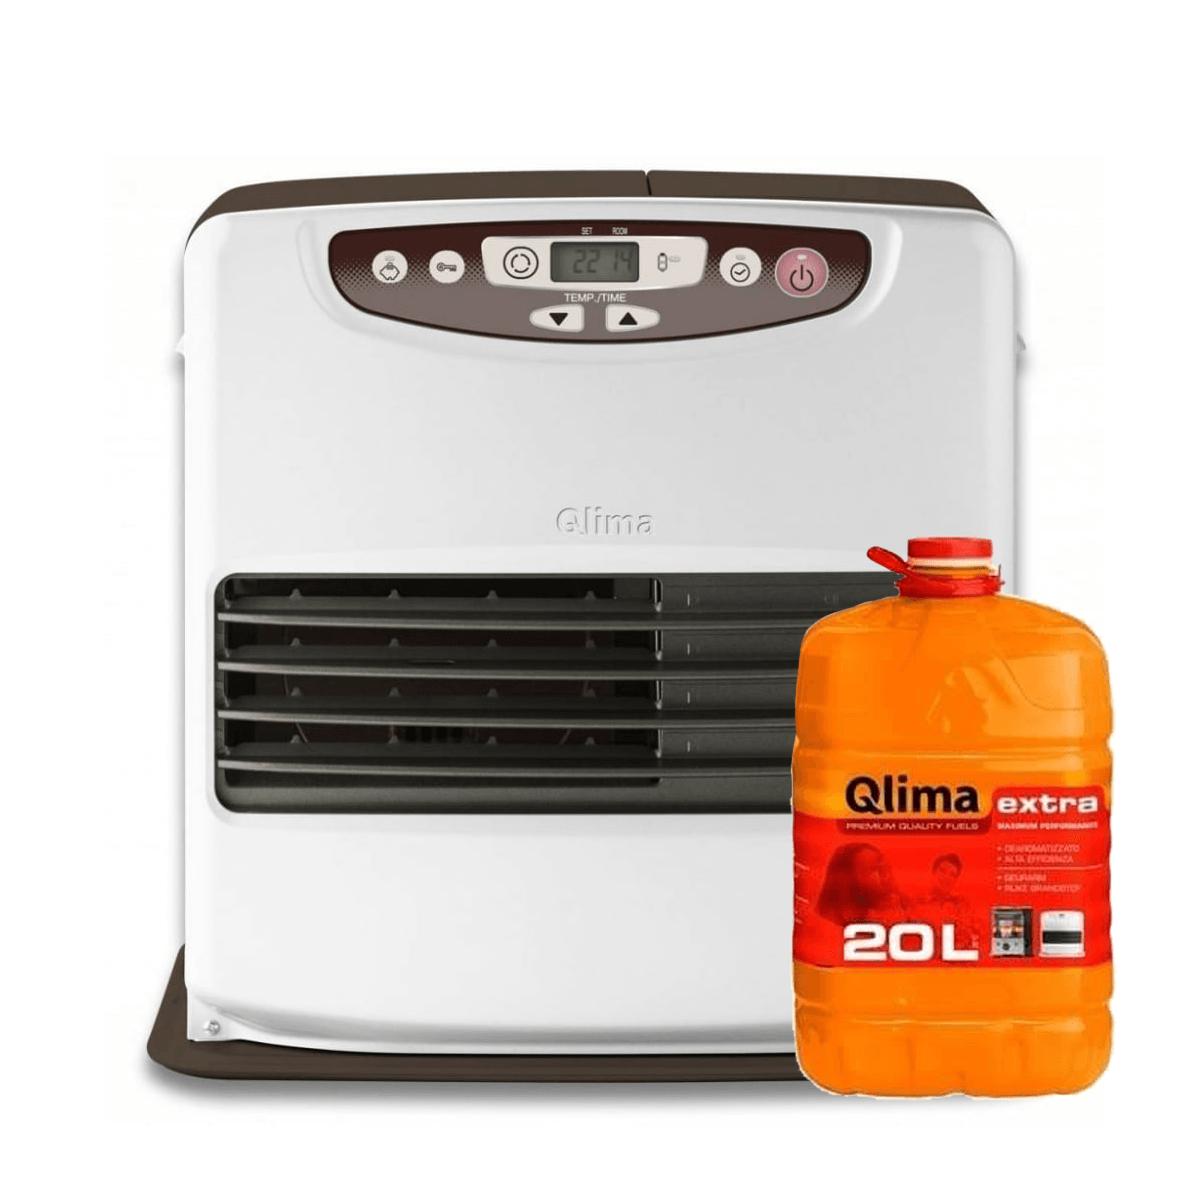 Qlima SRE 9046C-2 + Gratis 20 Liter Extra Brandstof